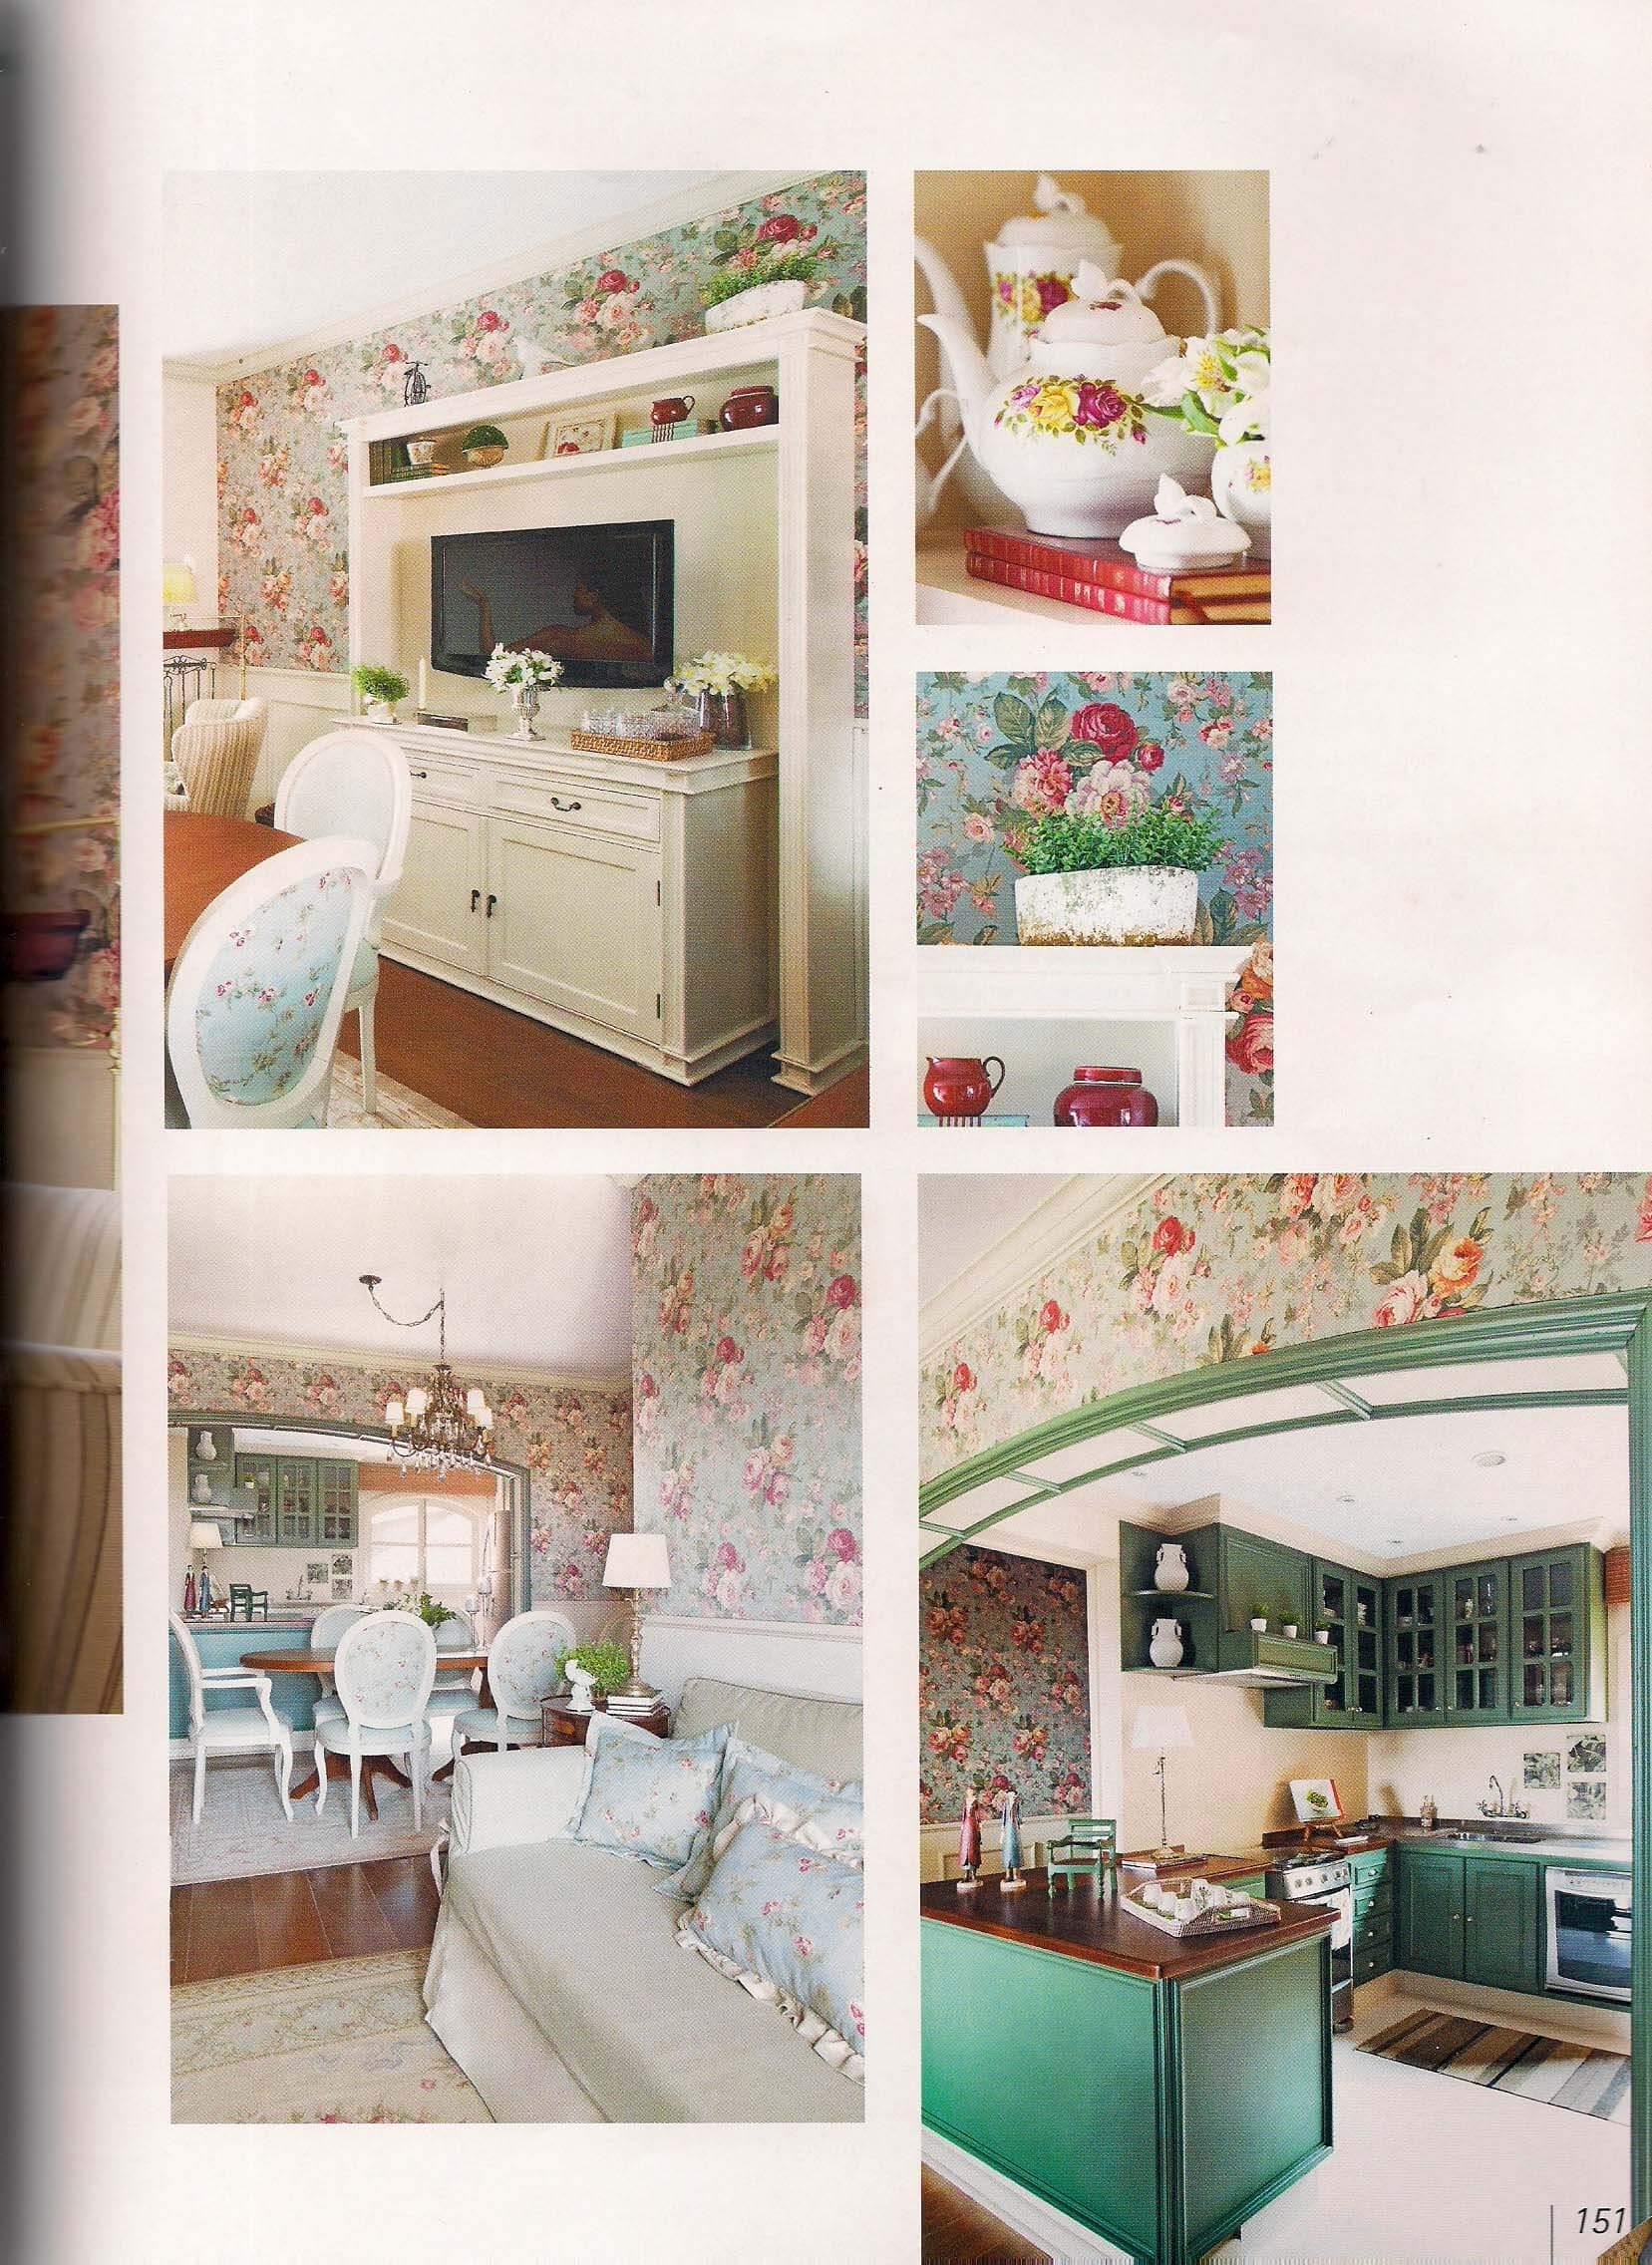 Guia Casa & Decoracao  - ago 2012 - 3